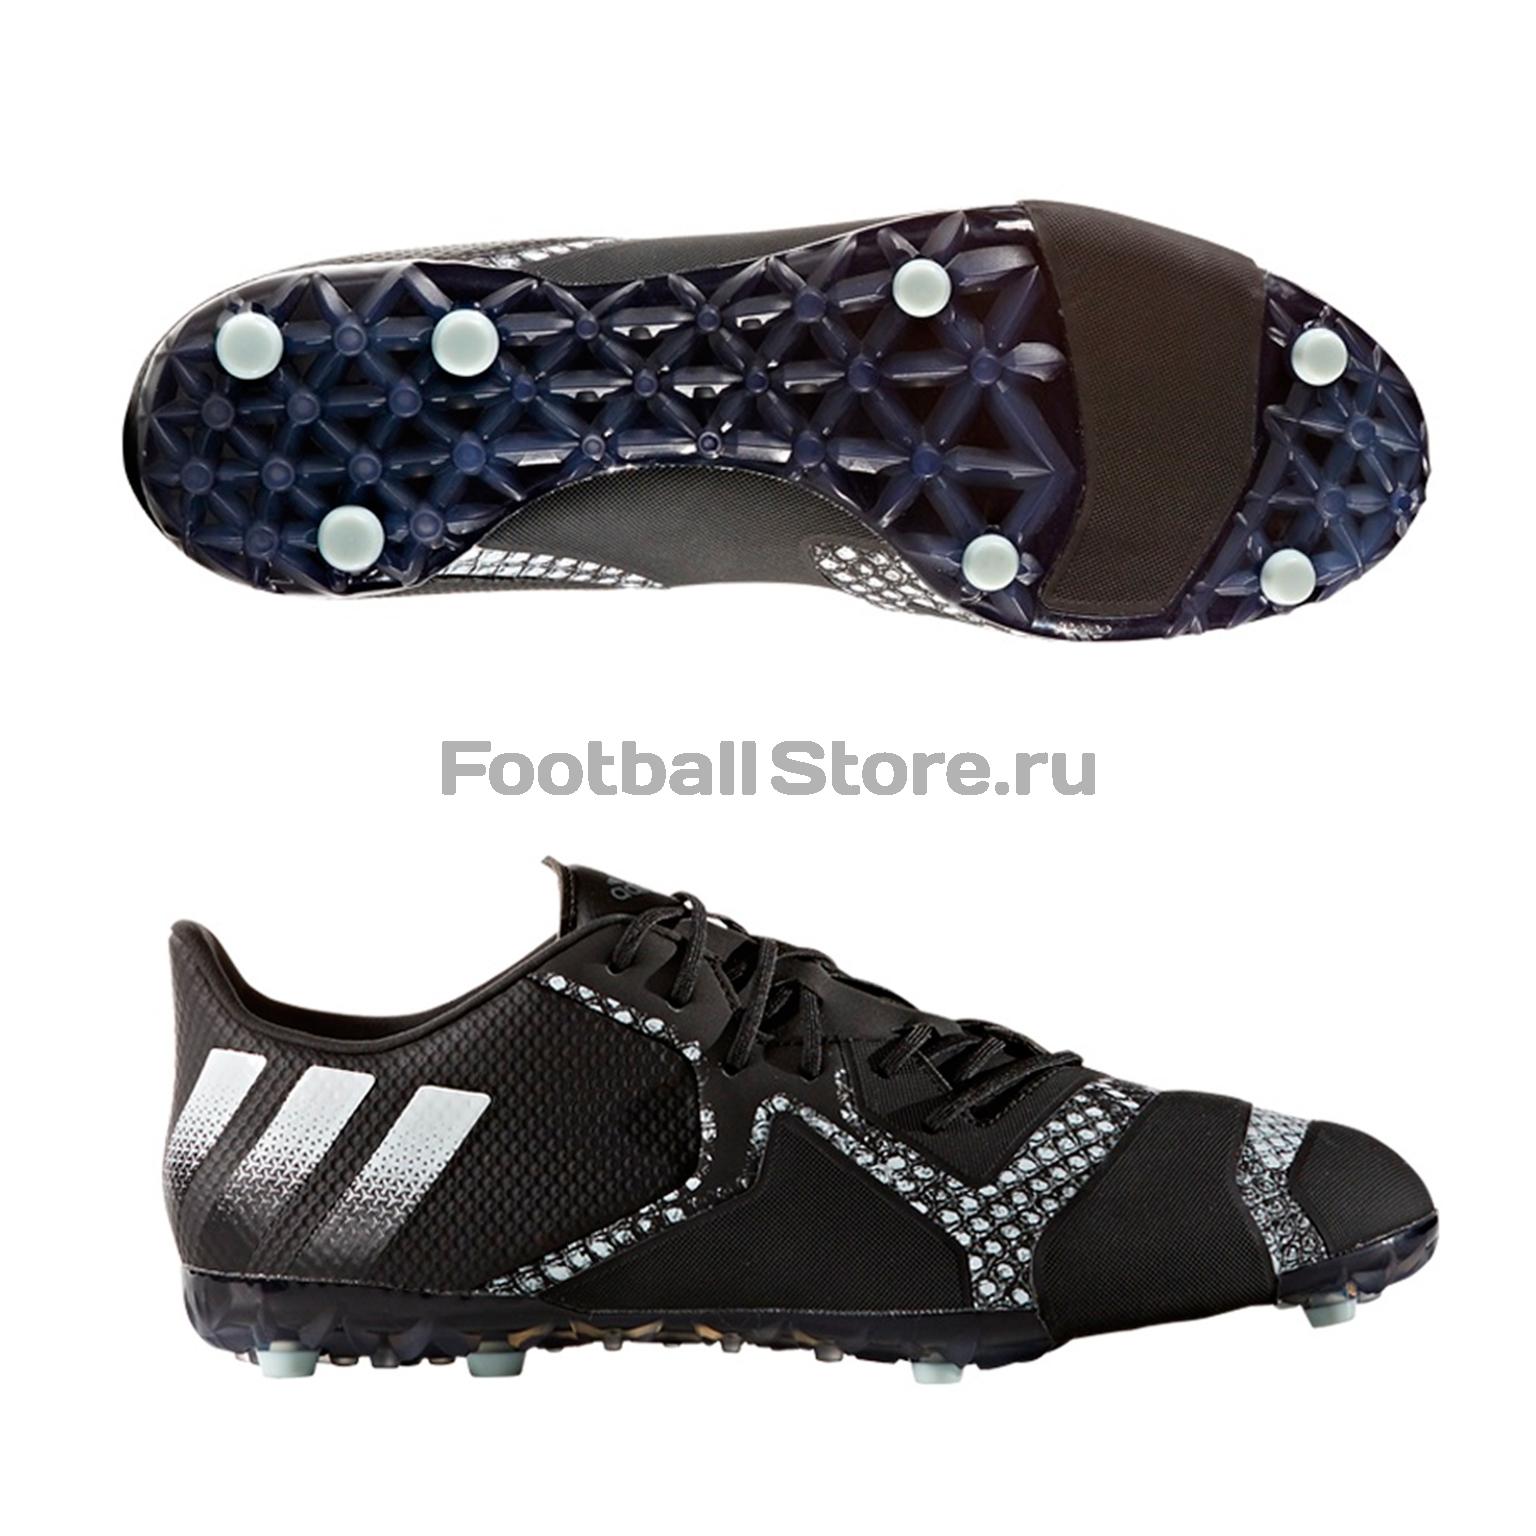 Шиповки Adidas Шиповки Adidas ACE 16+ TKRZ S31929 цены онлайн